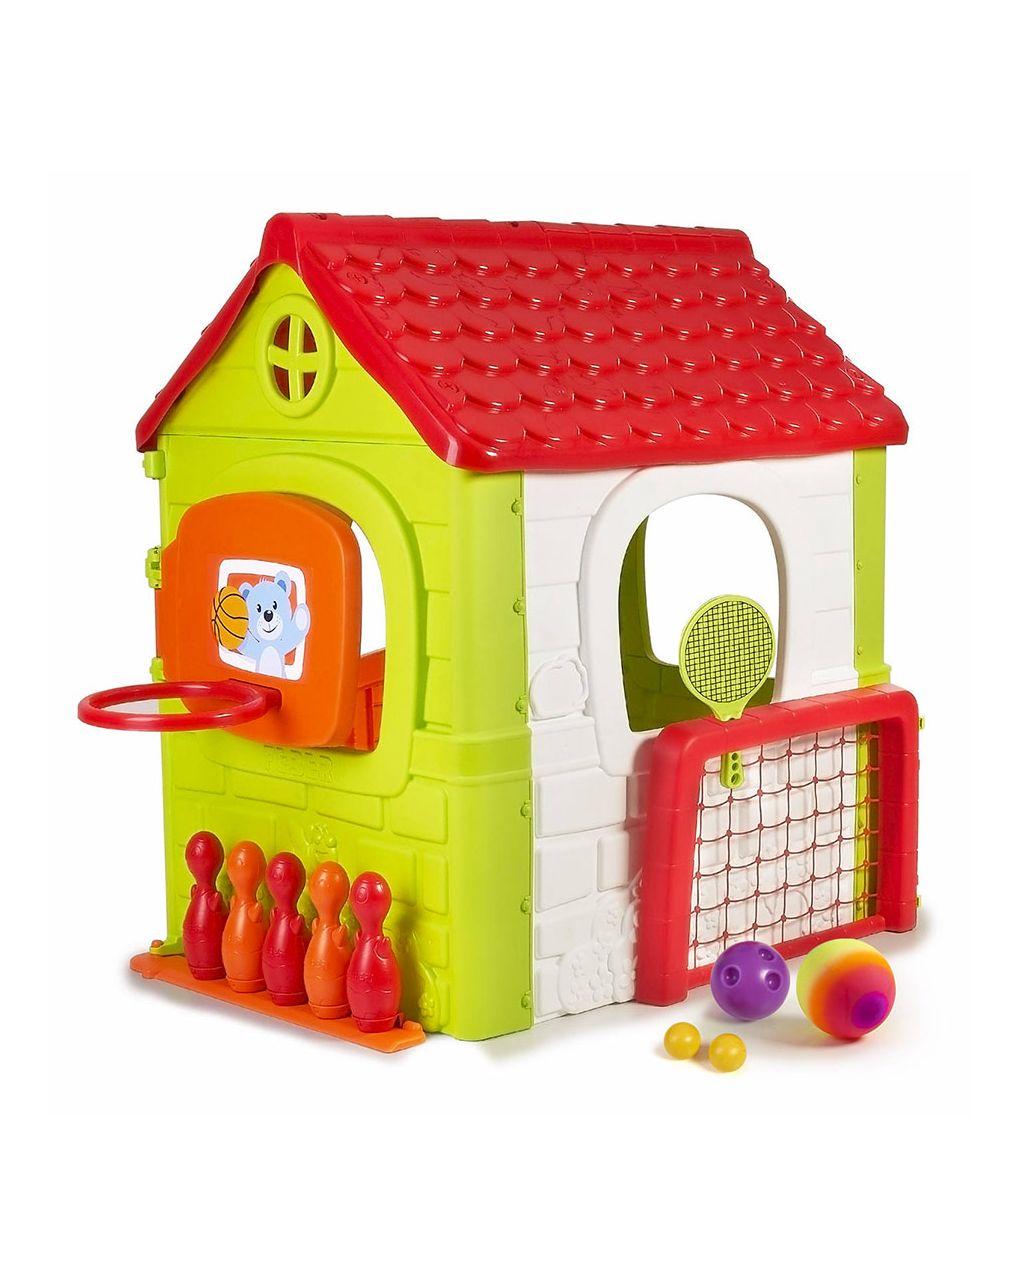 Feber - activity house - Feber